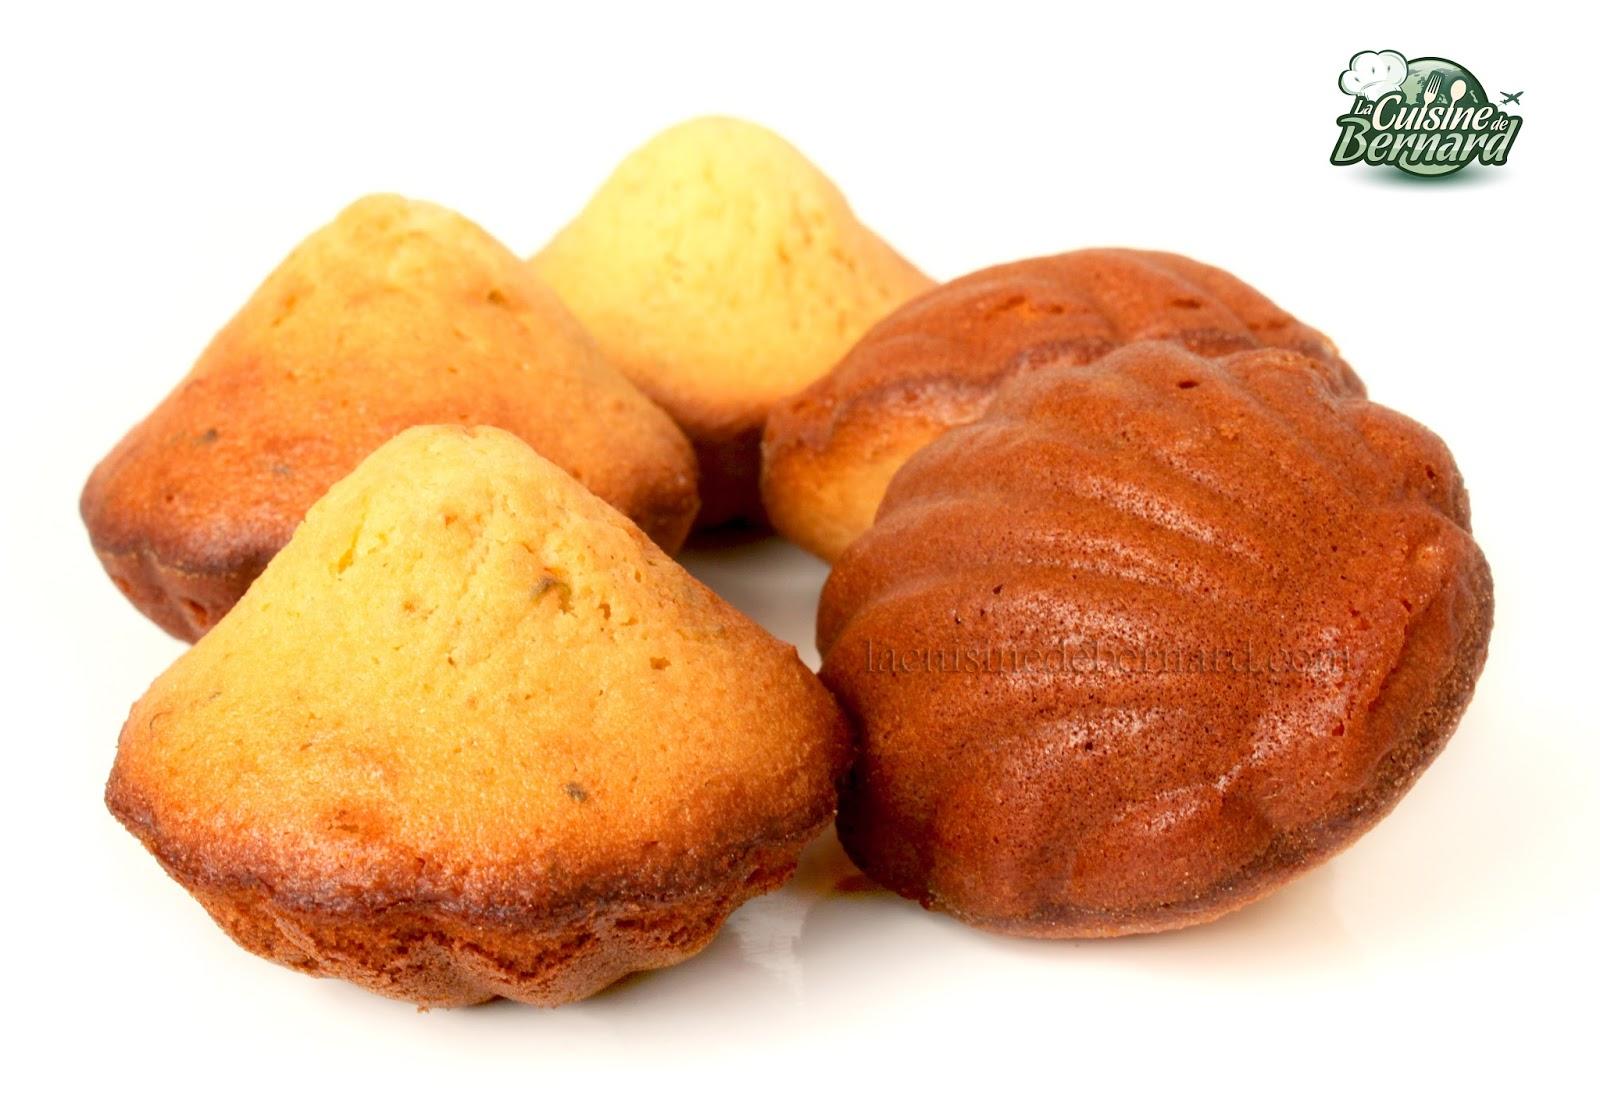 la cuisine de bernard : madeleines au miel, citron vert et gingembre